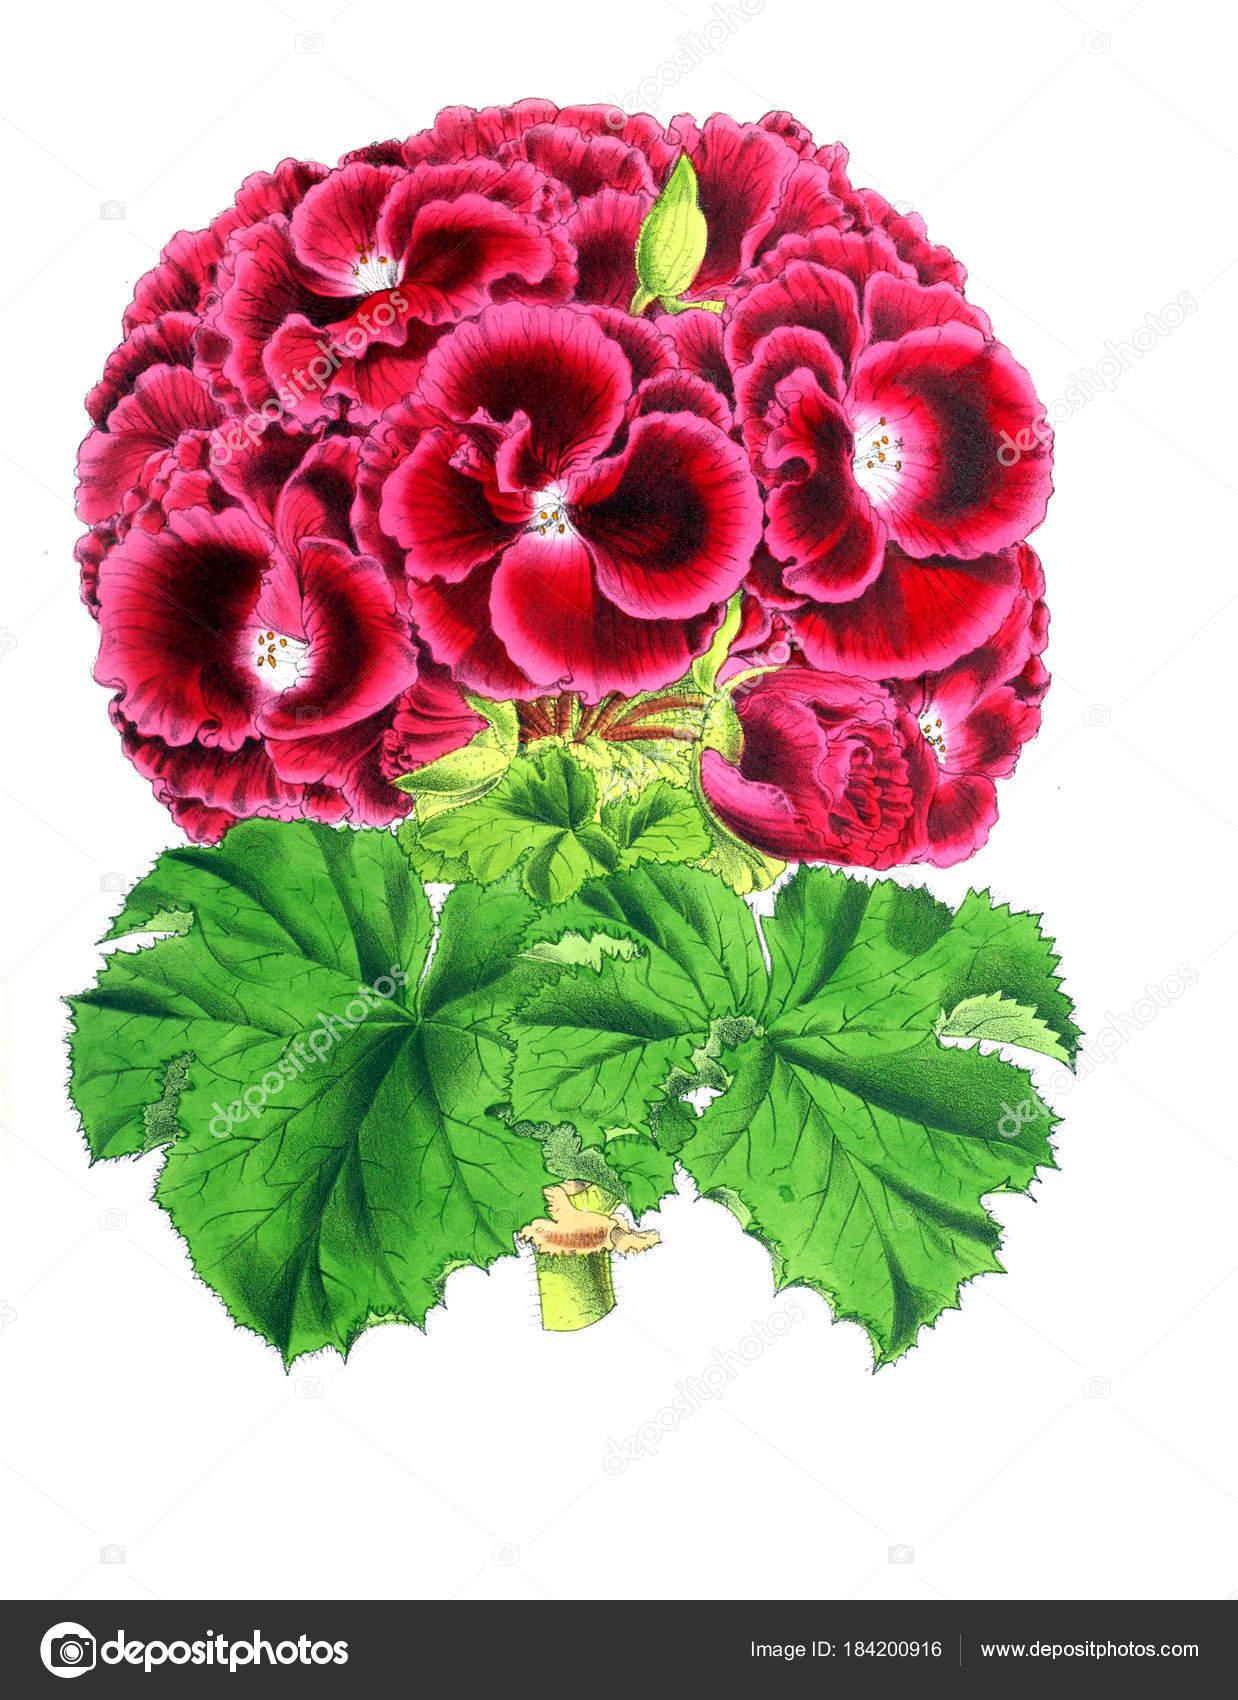 Dibujo Una Flor Revista Floral Compuesto Por Figuras Descripciones